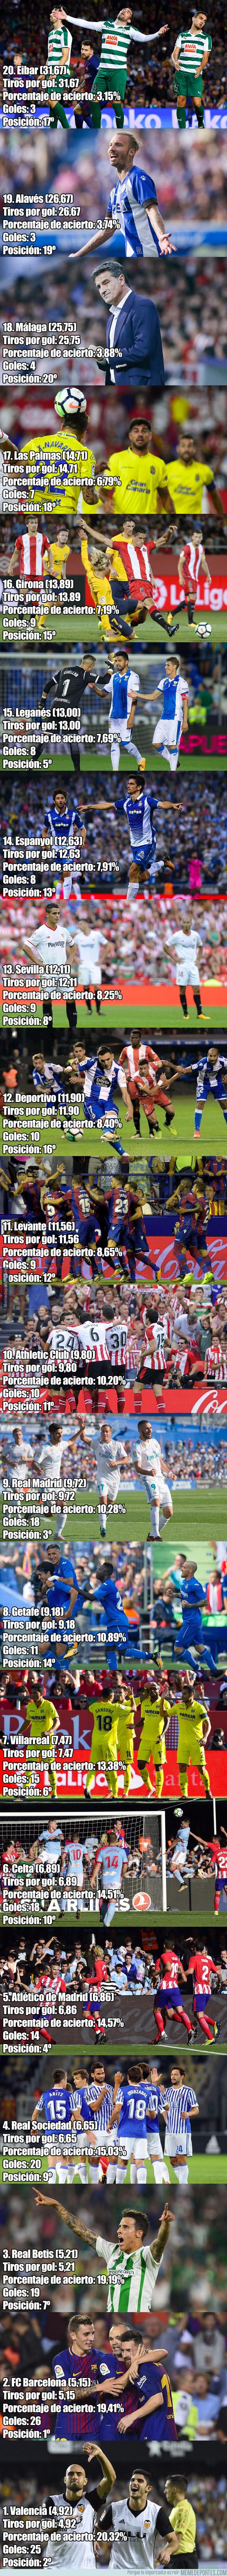 1005460 - El ratio de tiros por gol de todos los equipos de LaLiga Santander trae muchas sorpresas